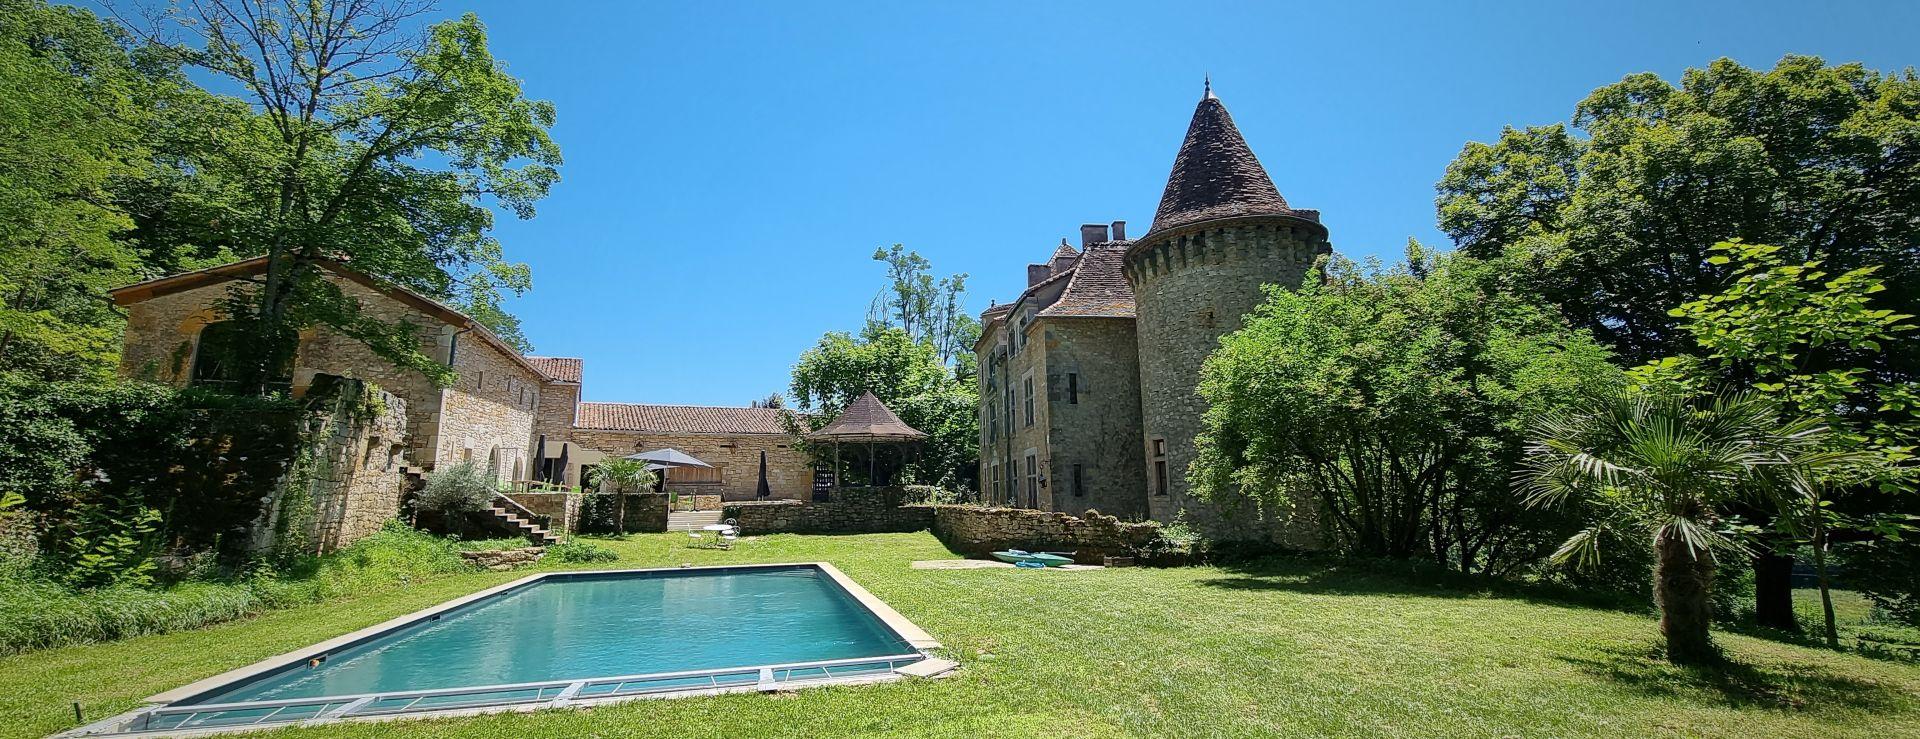 jardin et piscine au chateau